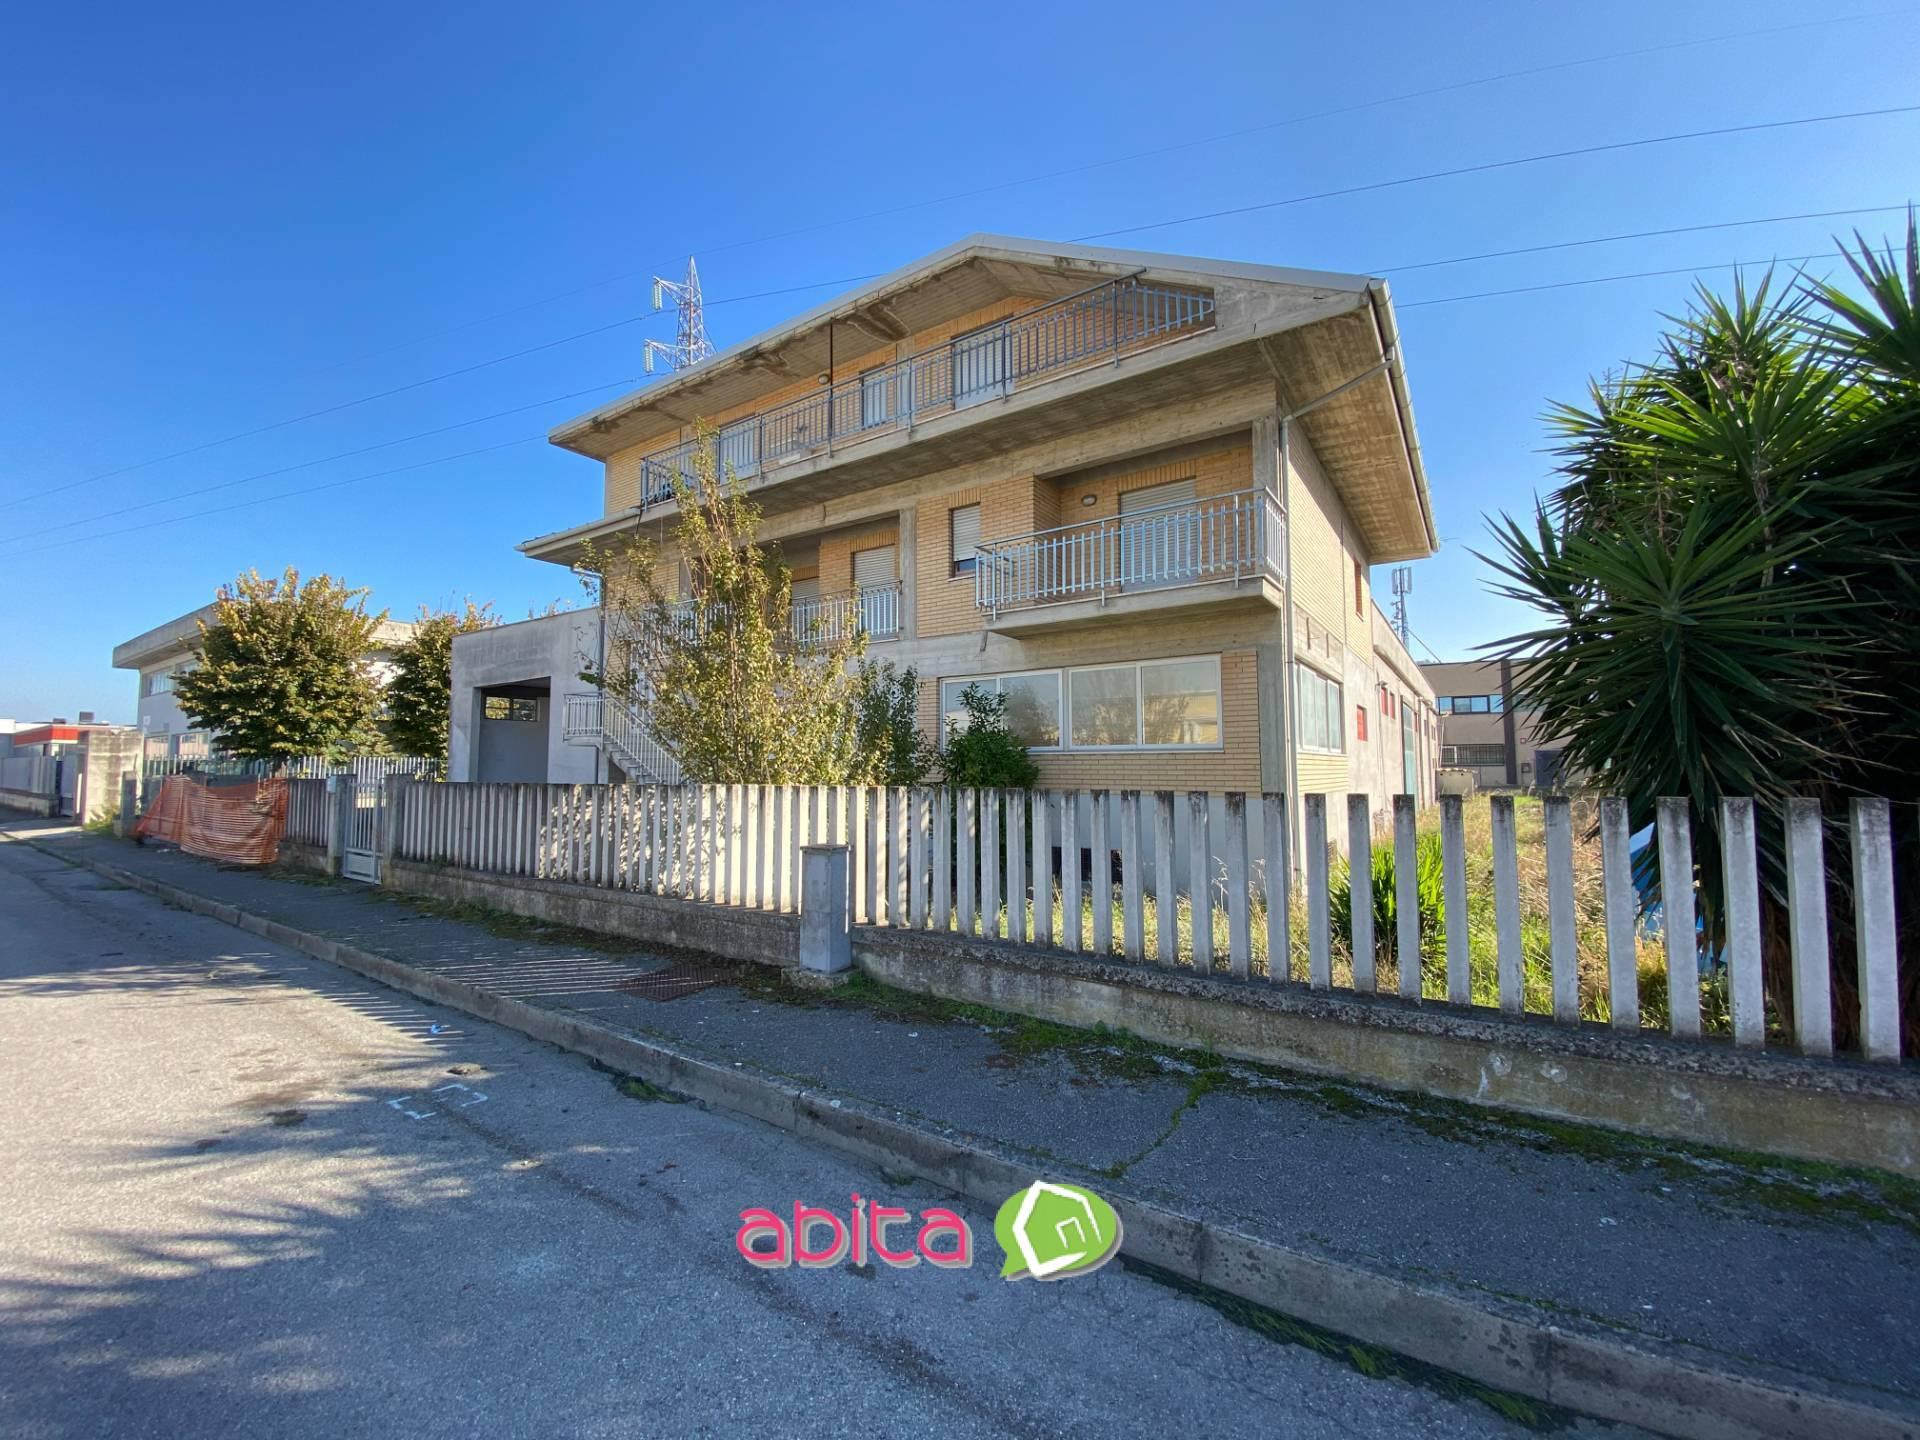 Capannone in vendita a Spinetoli, 9999 locali, zona Località: PagliaredelTronto, prezzo € 250.000 | CambioCasa.it